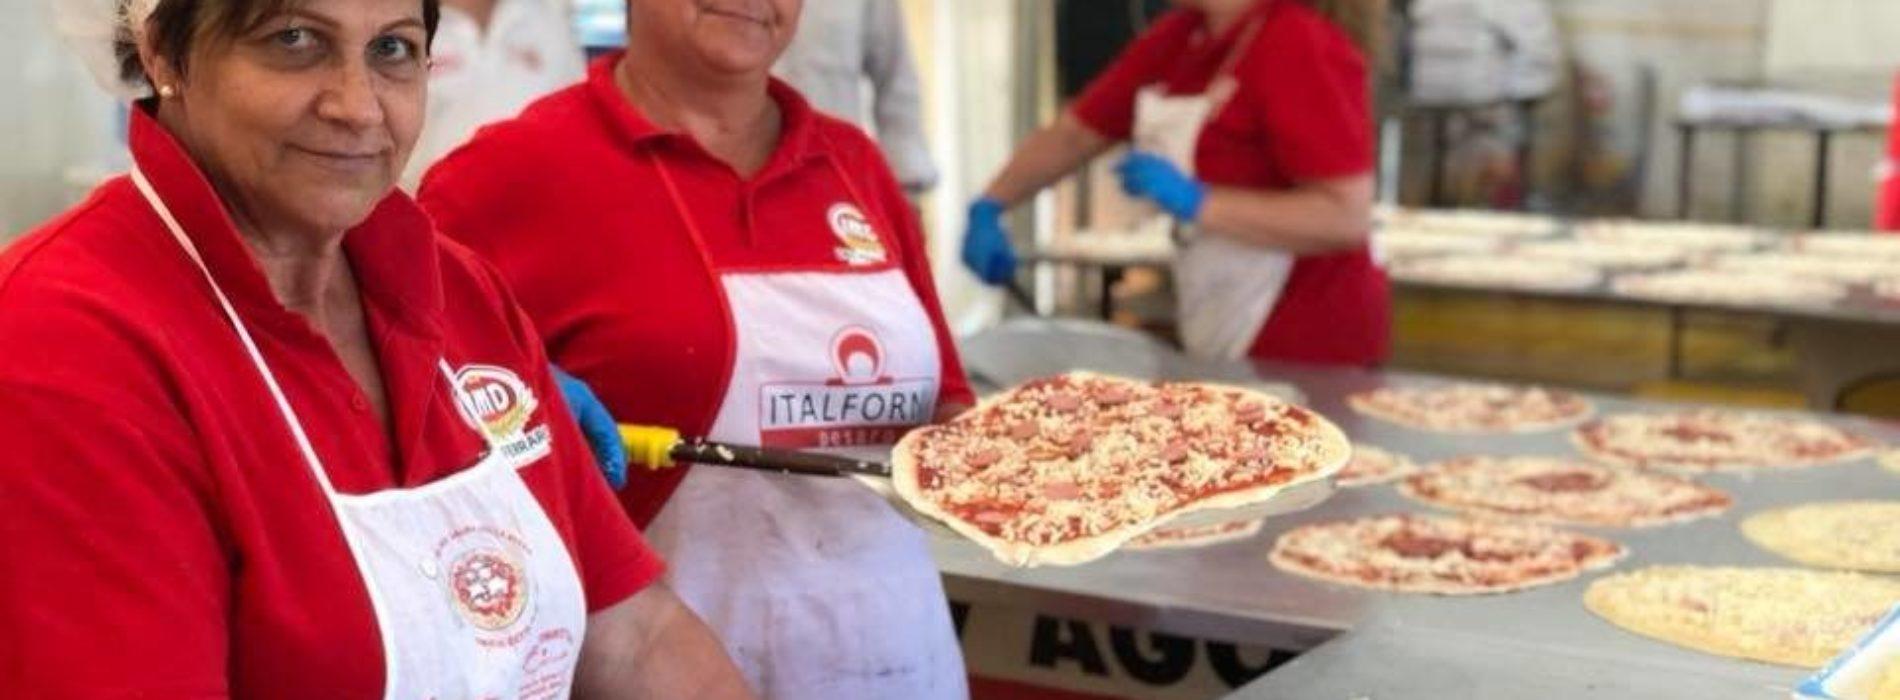 Sagre Lazio giugno 2018: dalla frittura di Vallerano alla pizza di Lariano fino al raviolo di Camerata Nuova